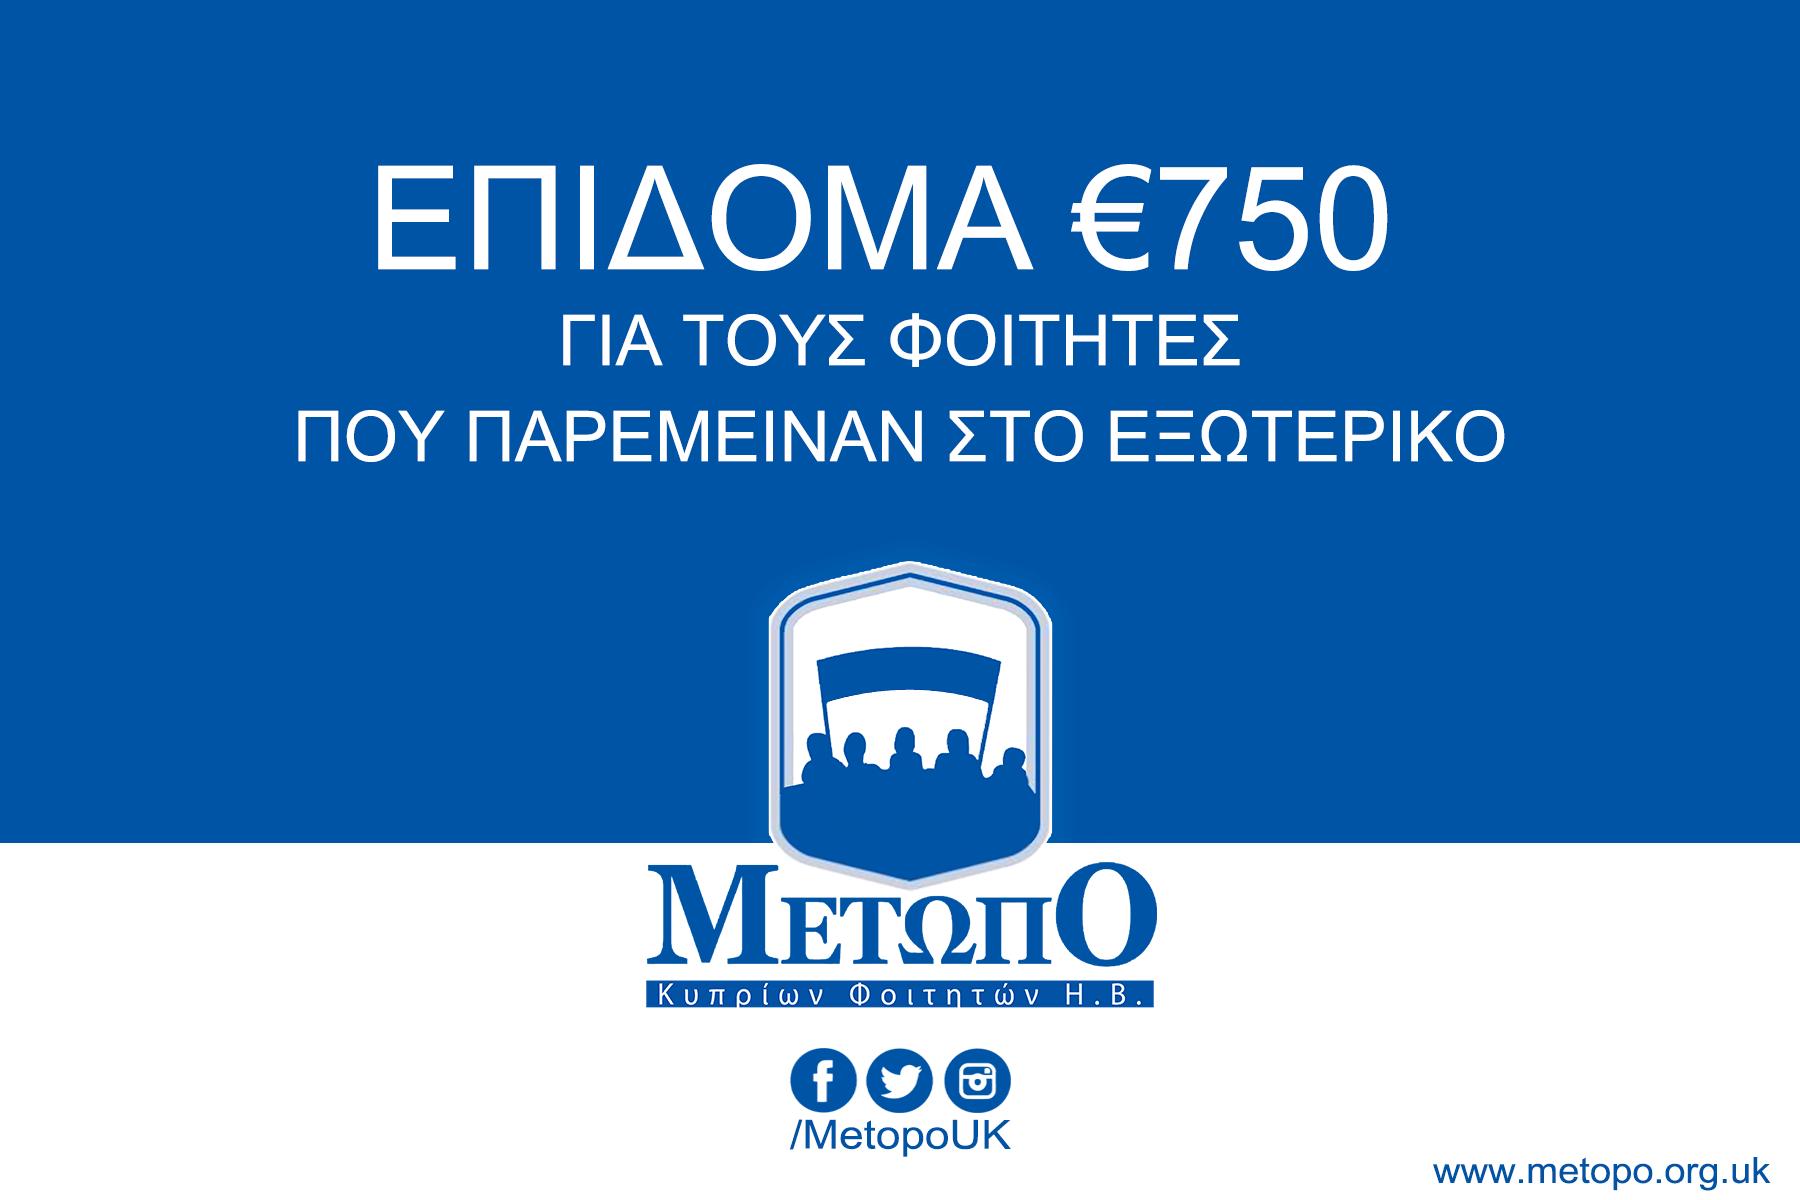 Η Πλατφόρμα Αιτήσεων για το επίδομα των €750 είναι διαθέσιμη